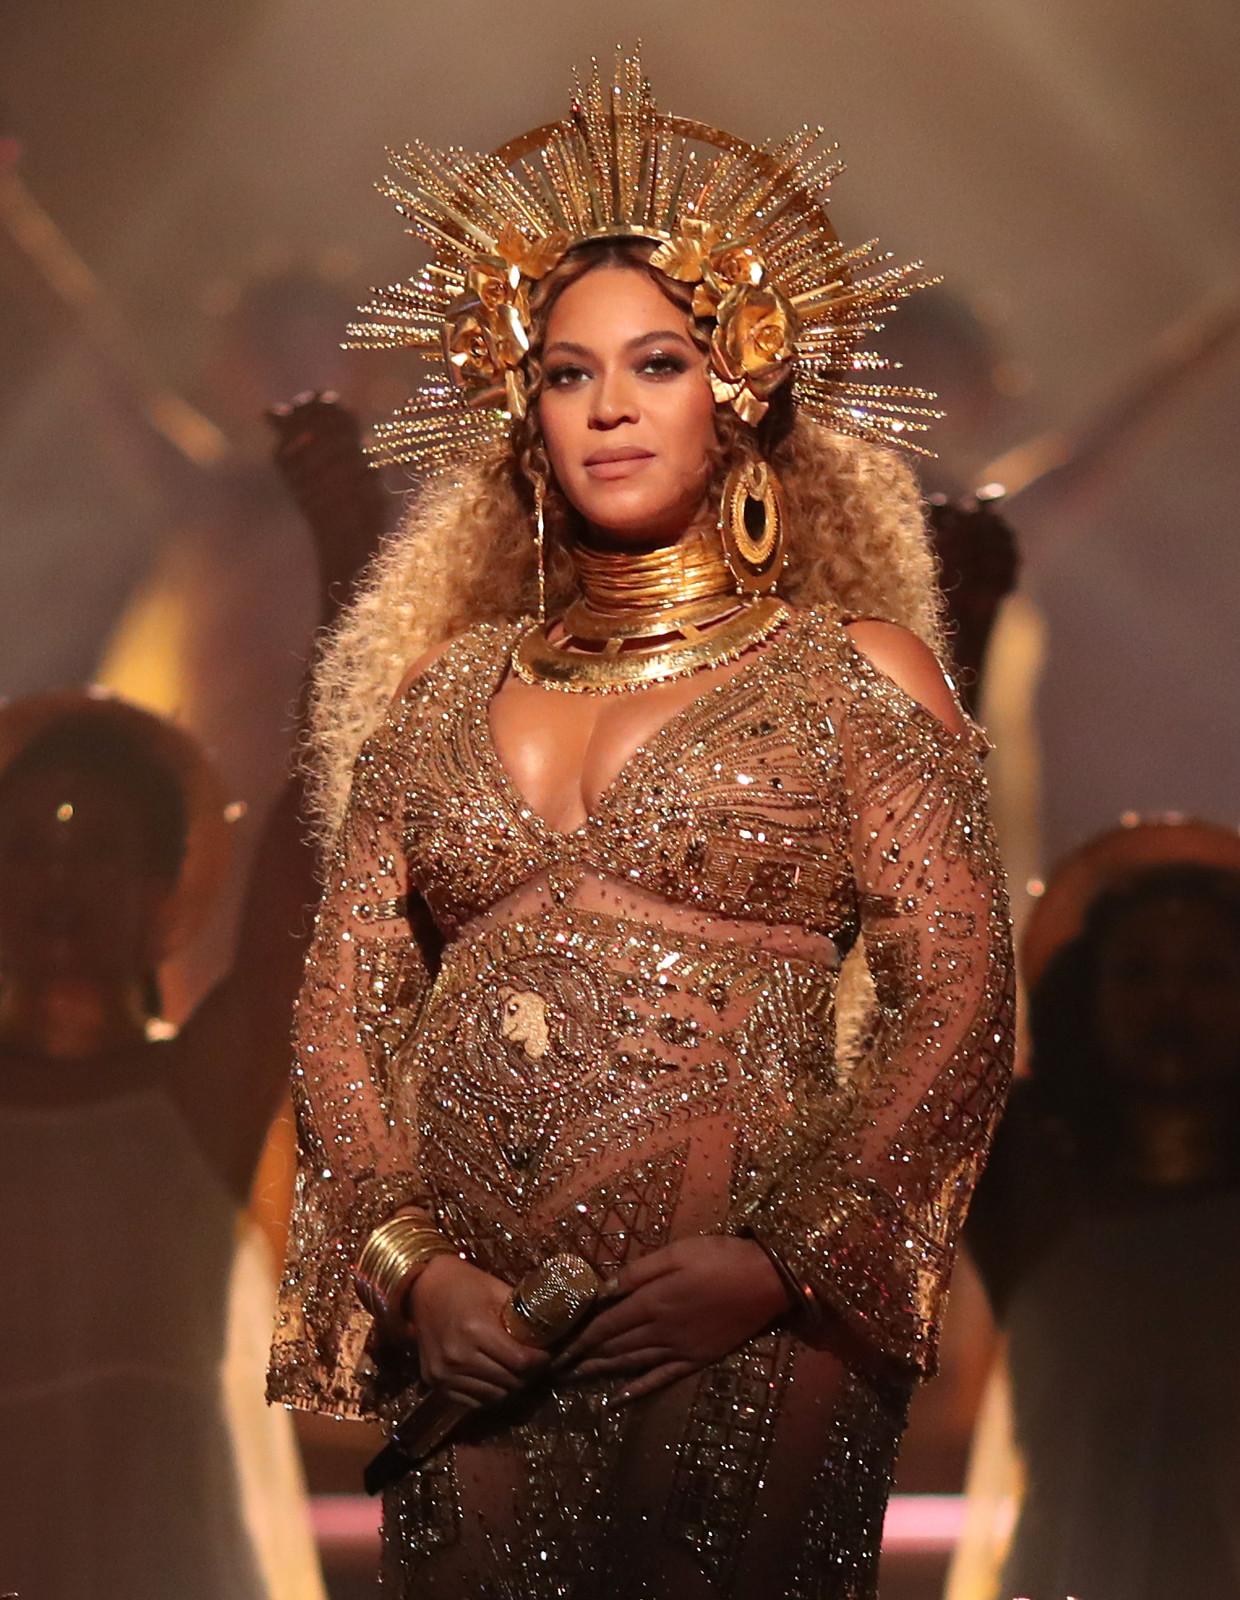 Queen B bij de Grammy Awards in 2017: zwanger, krachtig, mysterieus, succesvol en een rolmodel voor velen.  Beeld Getty Images for NARAS